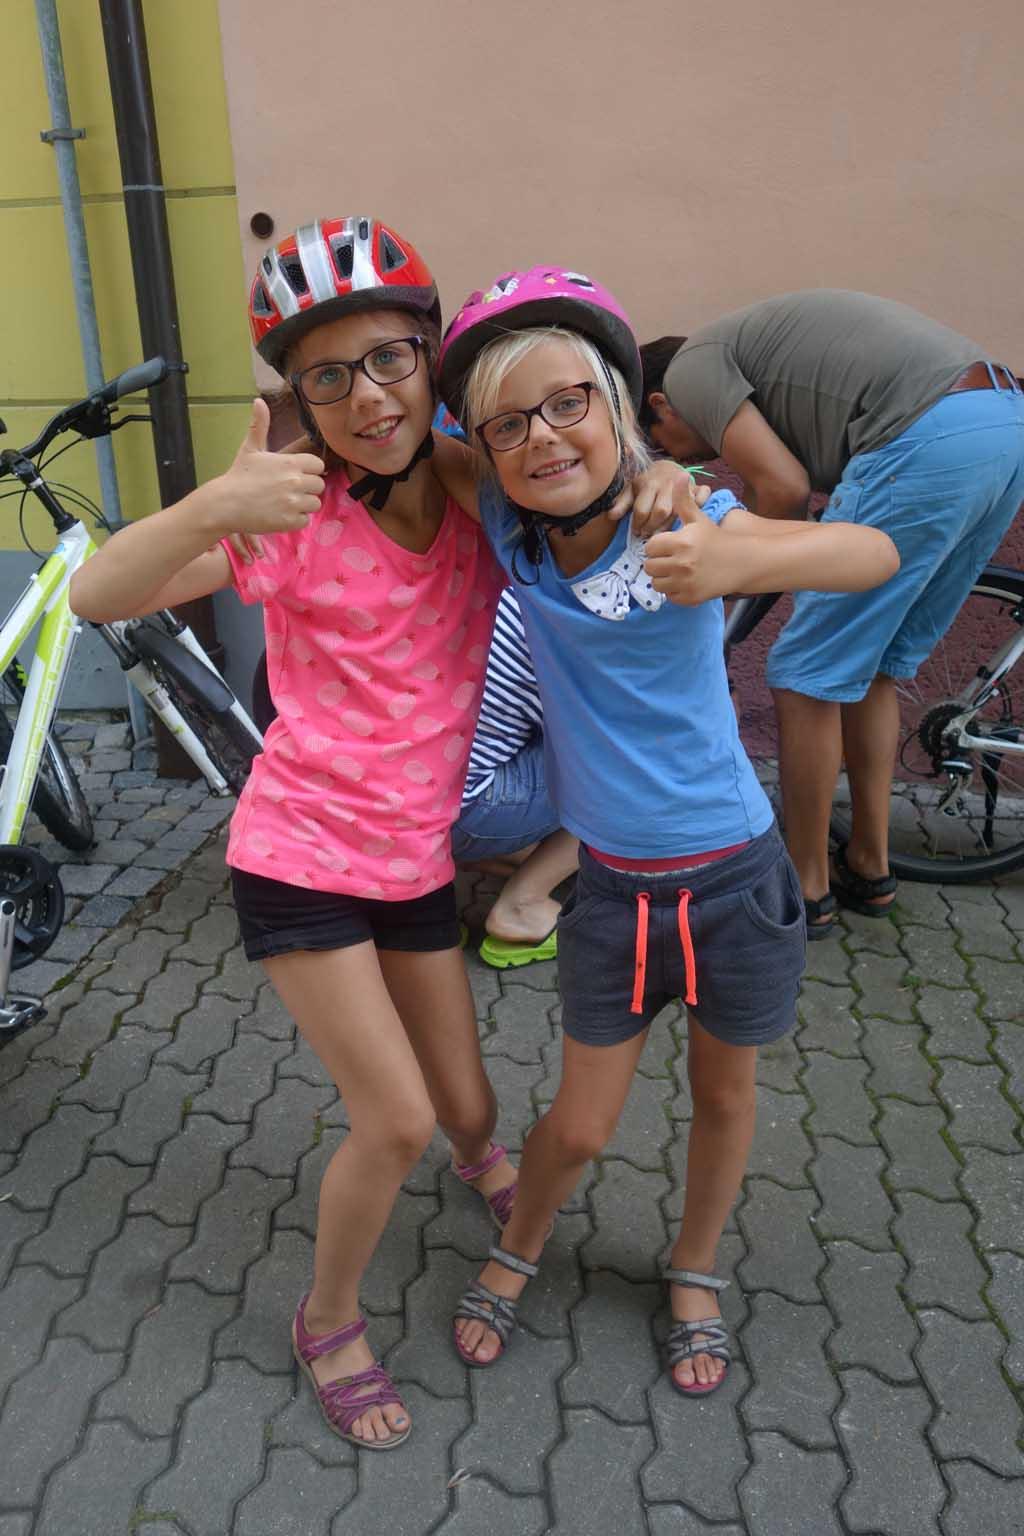 Roos en Jet zijn het er helemaal over eens, fietsen langs het Lipnomeer was top!